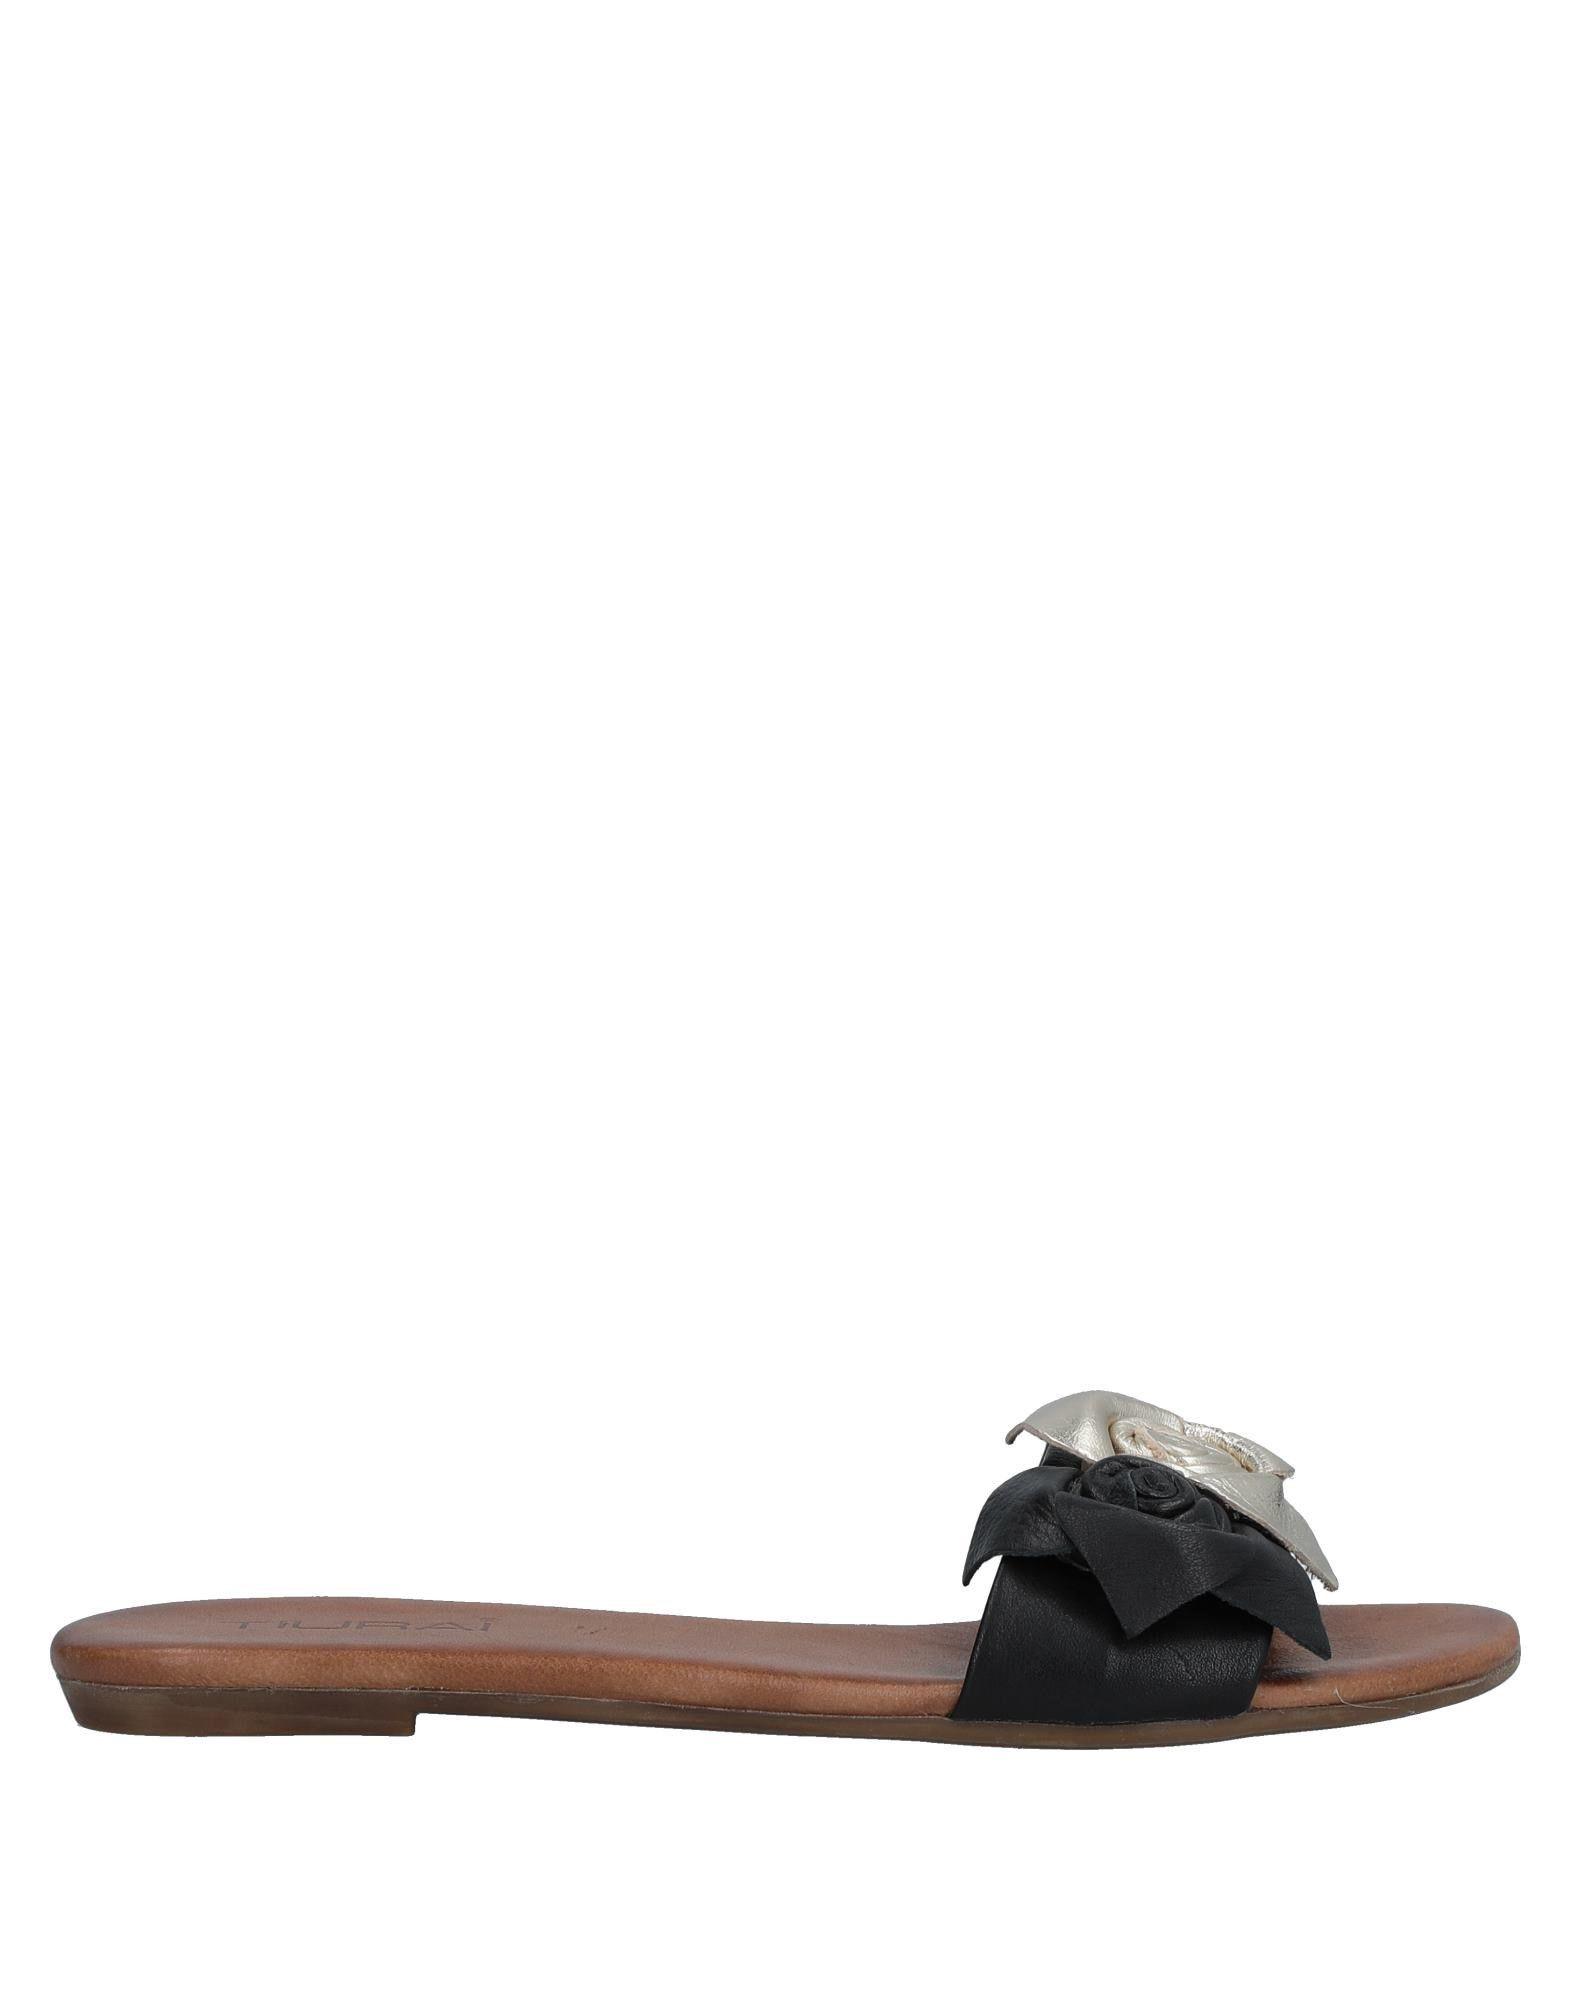 Stringate Tsd12 Donna - scarpe 11456328QW Nuove offerte e scarpe - comode 57bc8a